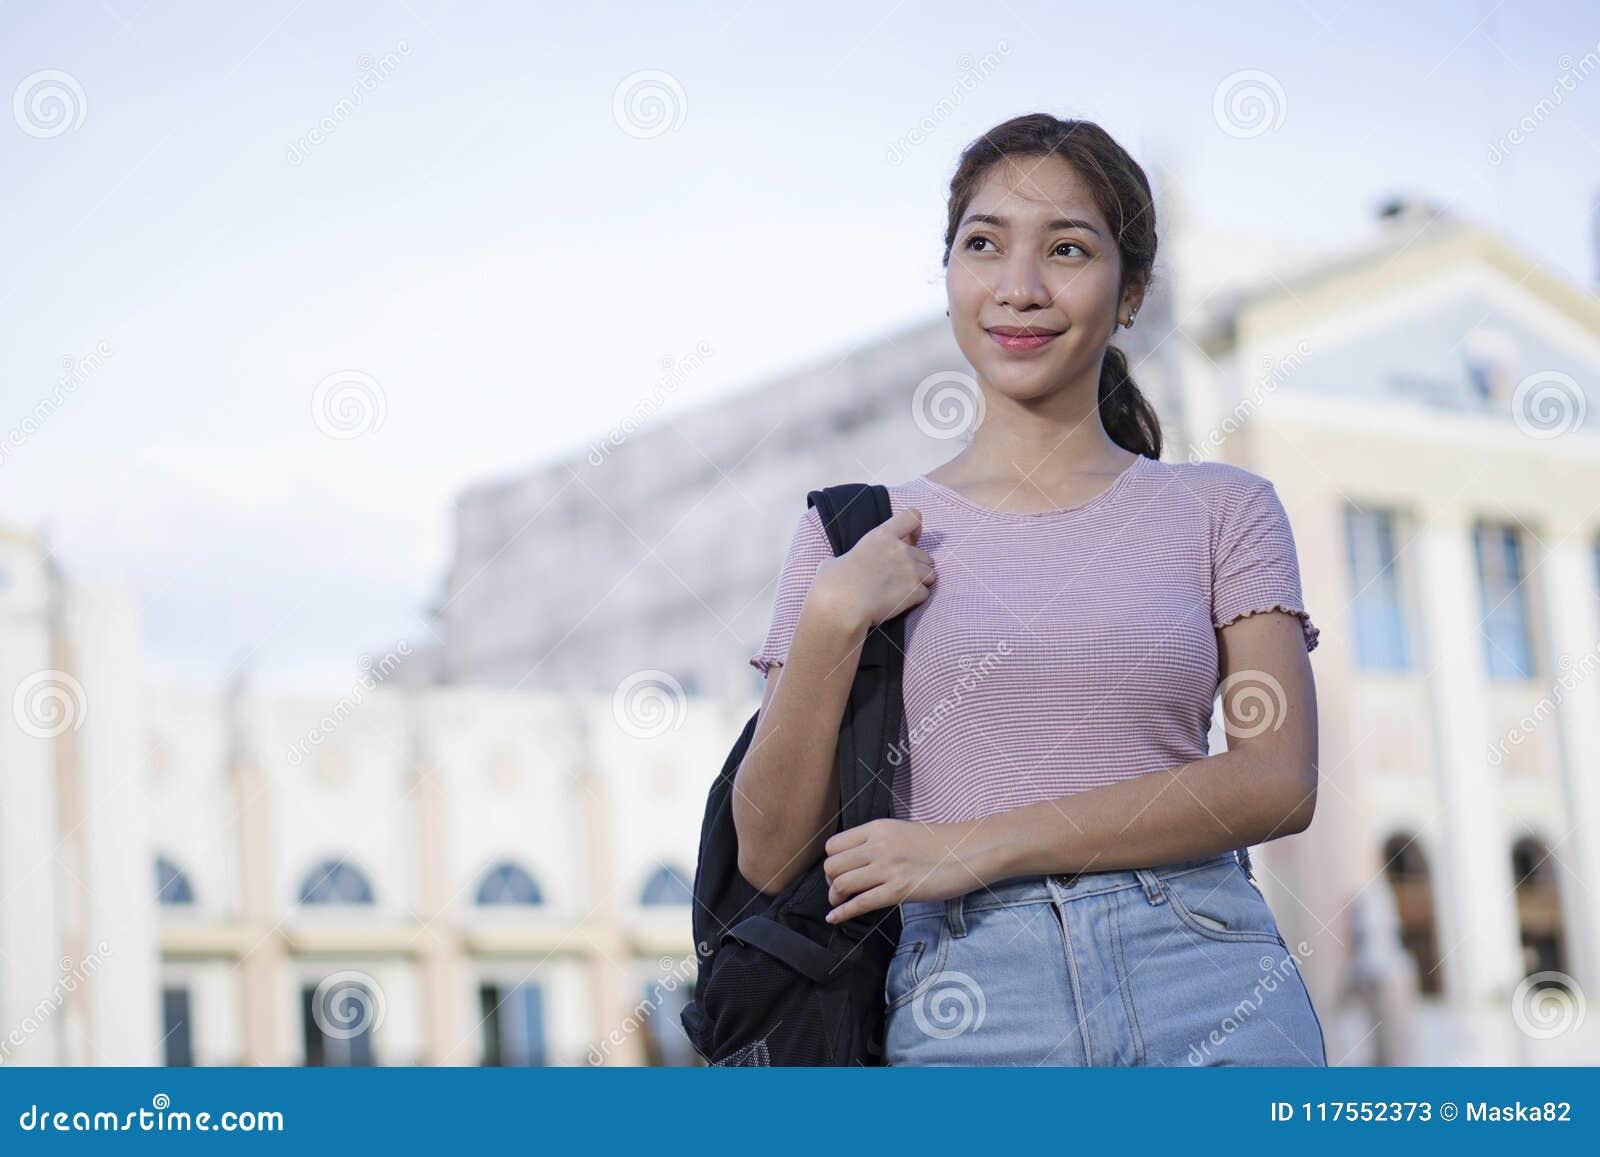 Estudiante universitario joven With Her Backpack